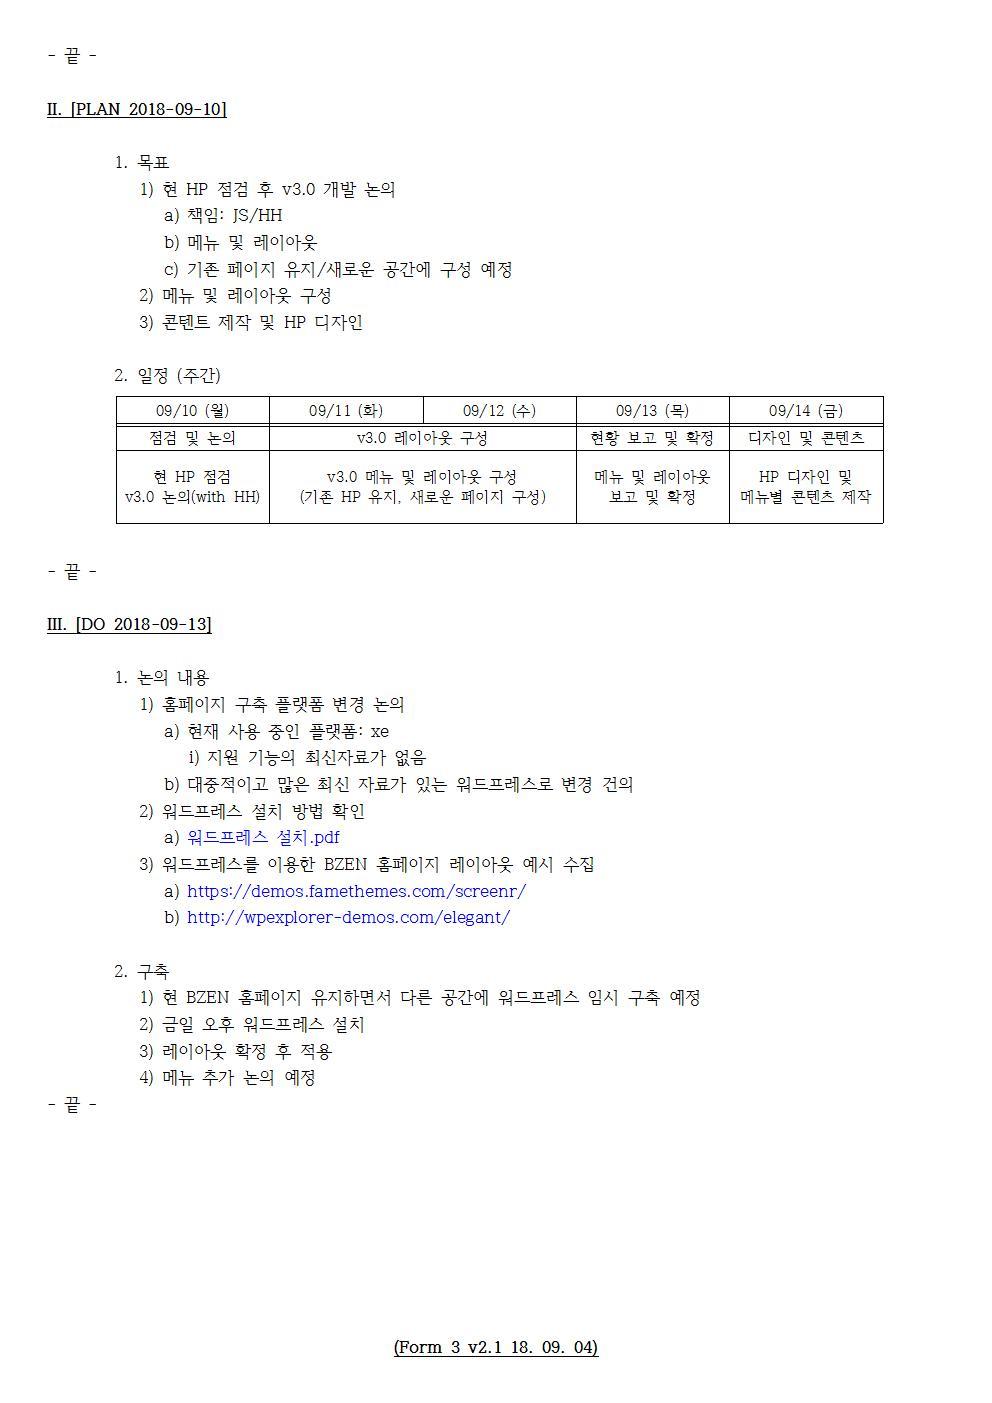 D-[18-047-BZ-07]-[BZEN HP v3.0]-[2018-09-14][JS]002.jpg